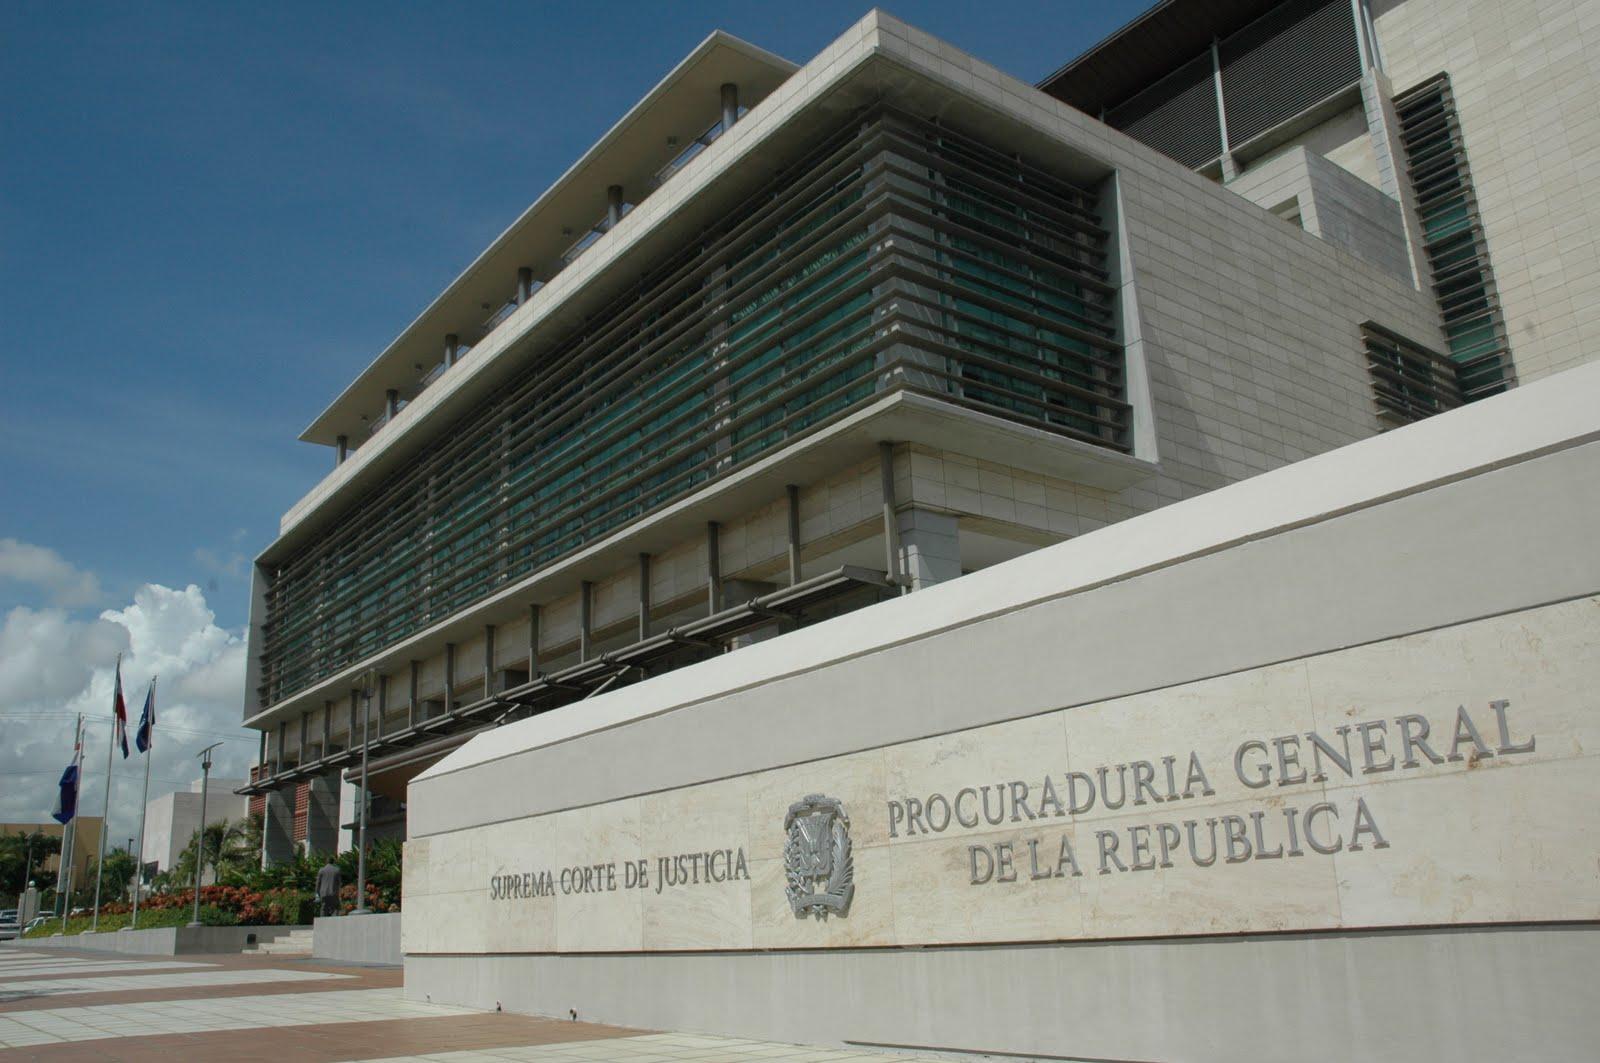 Dictan coerción a pareja acusada de adulterar bebidas en San Juan